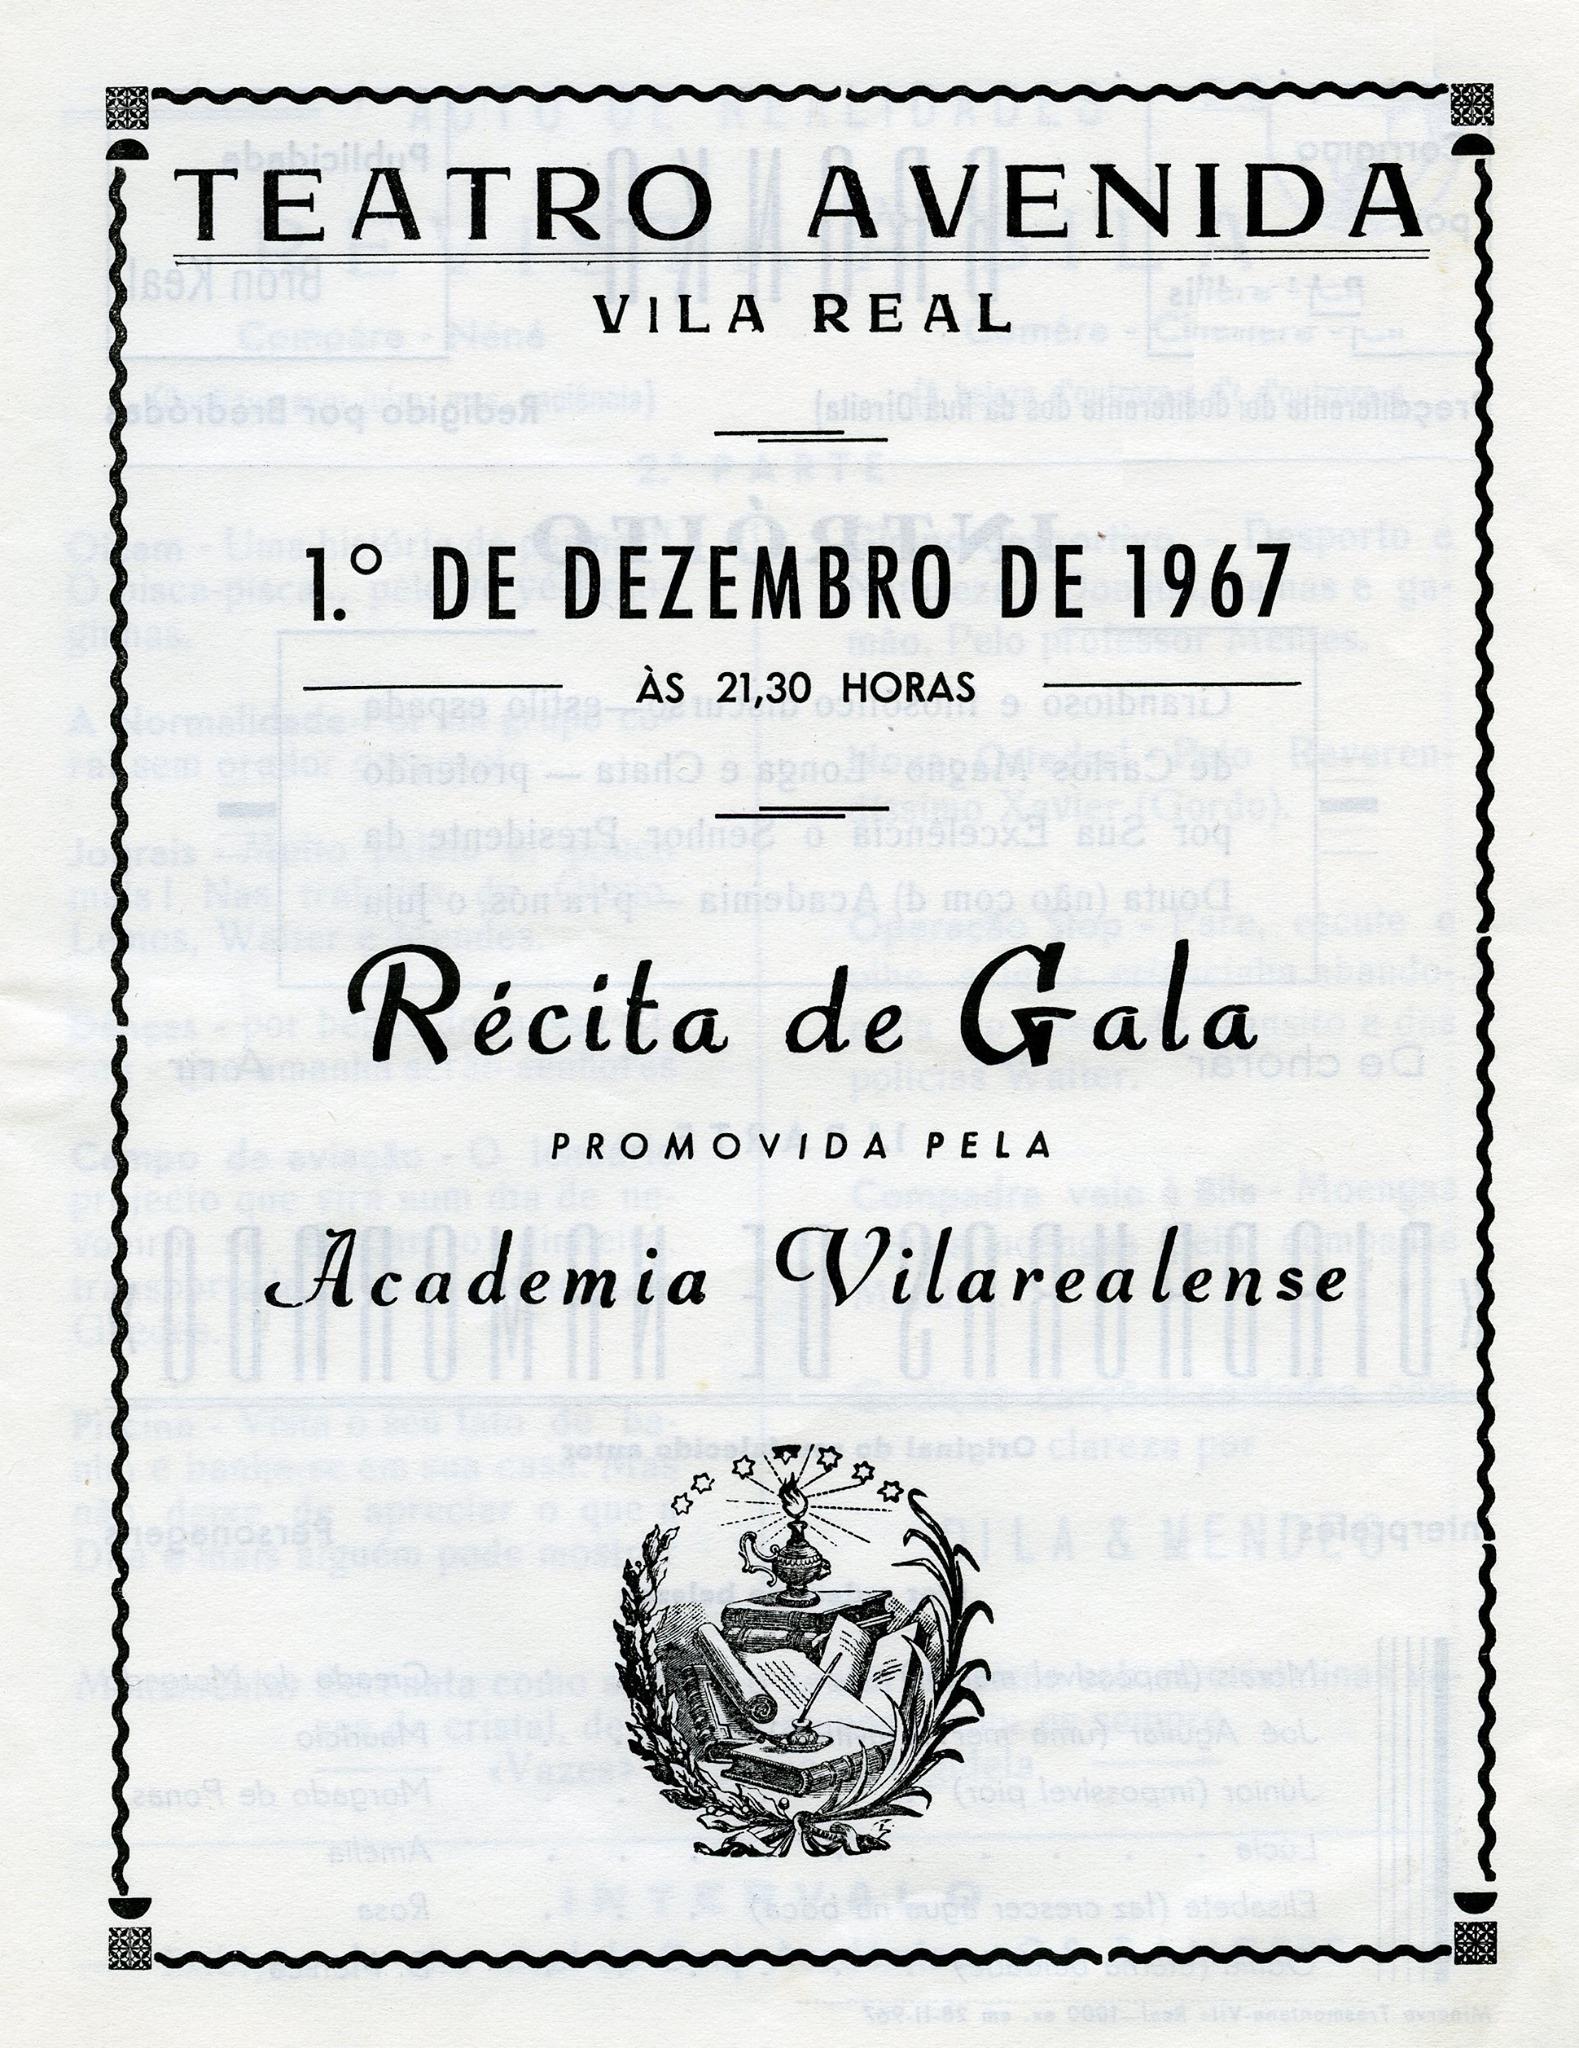 Club de Vila Real investiga história cultural e artística da cidade